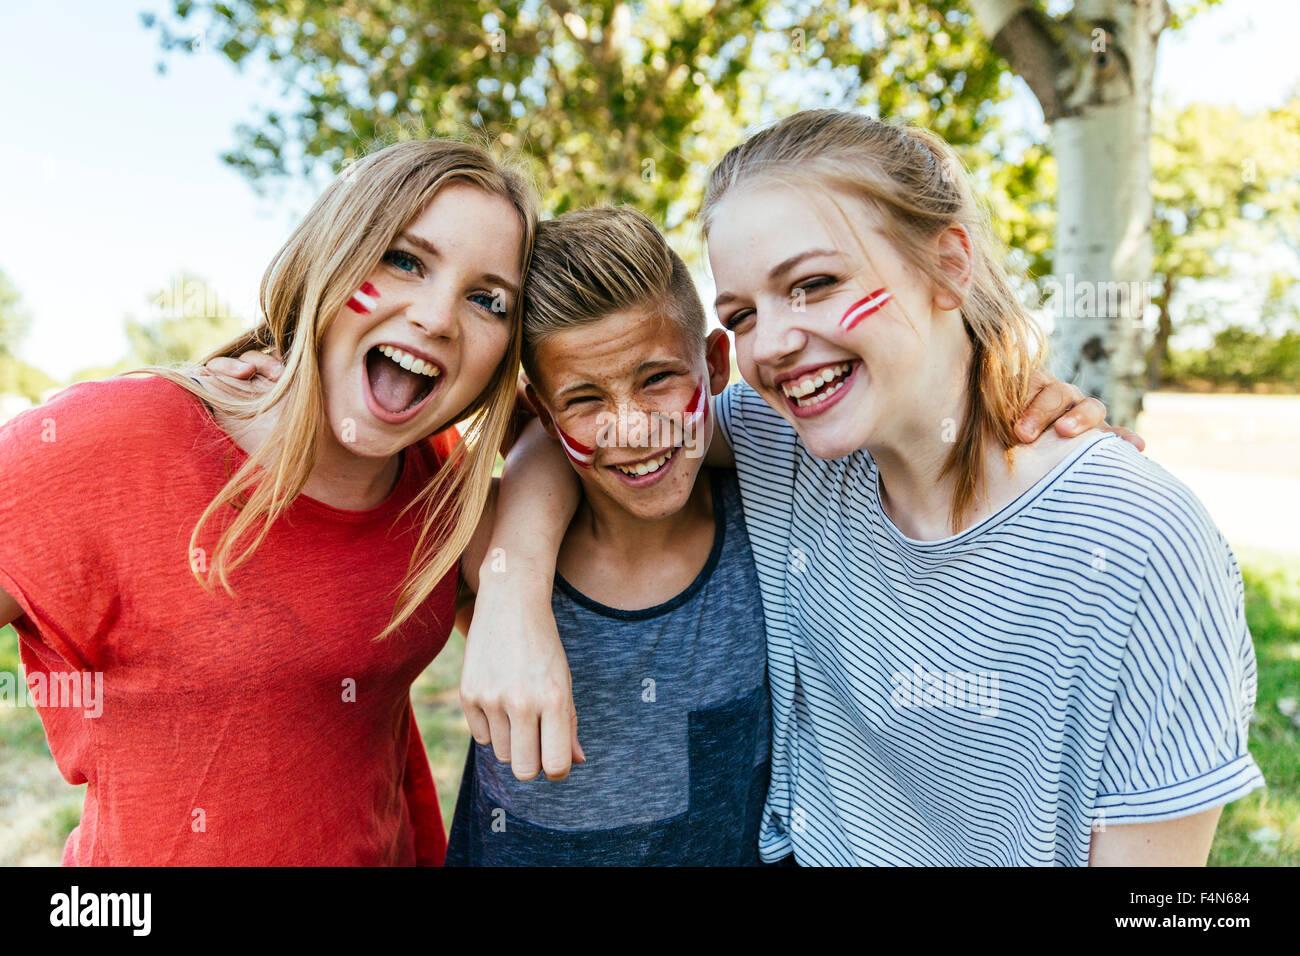 Österreich, drei Jugendliche mit nationalen Farben gemalt auf ihren Wangen gemeinsam feiern Stockbild